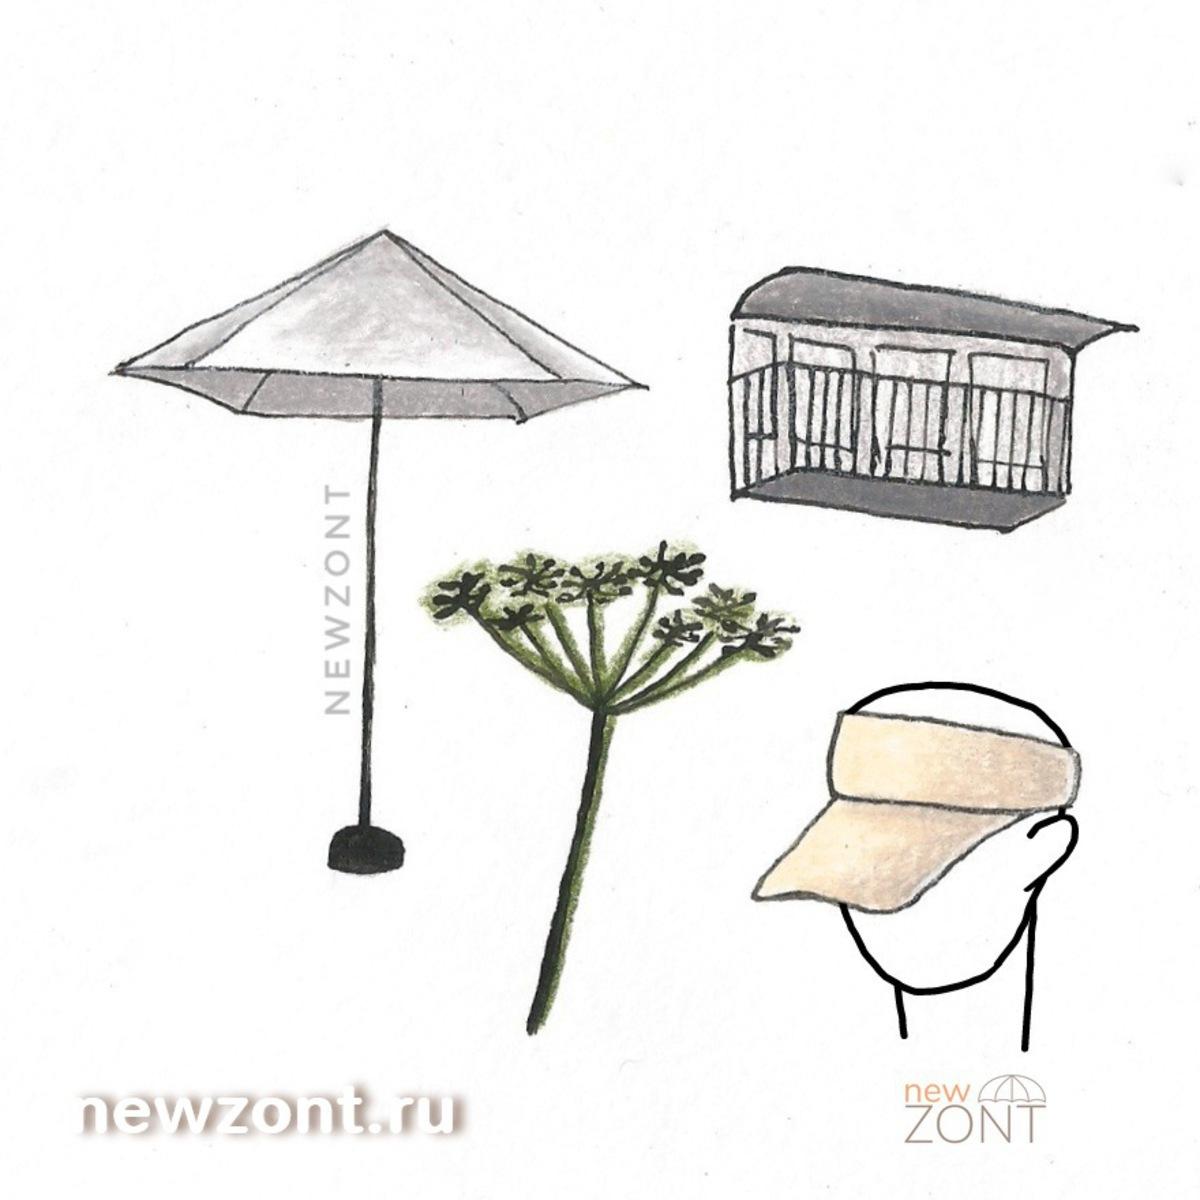 Что такое зонт?